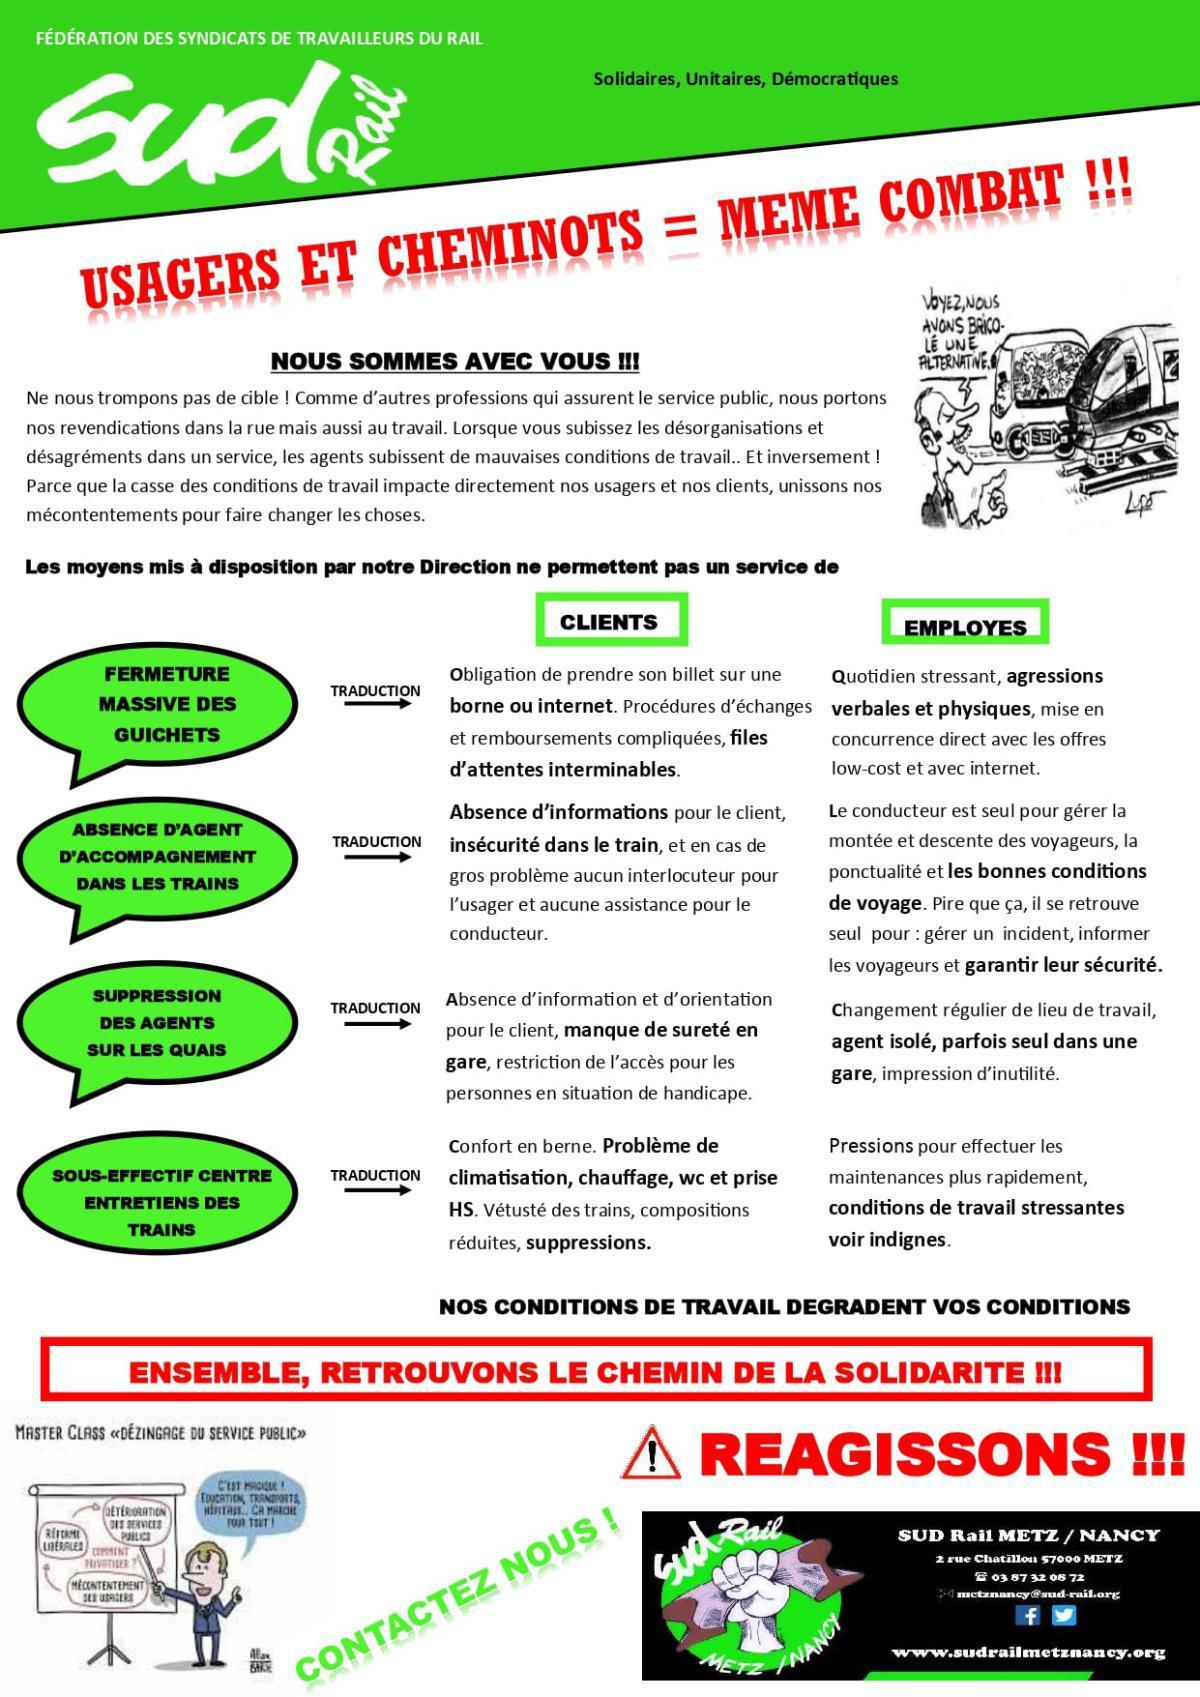 Usagers et cheminots même combat